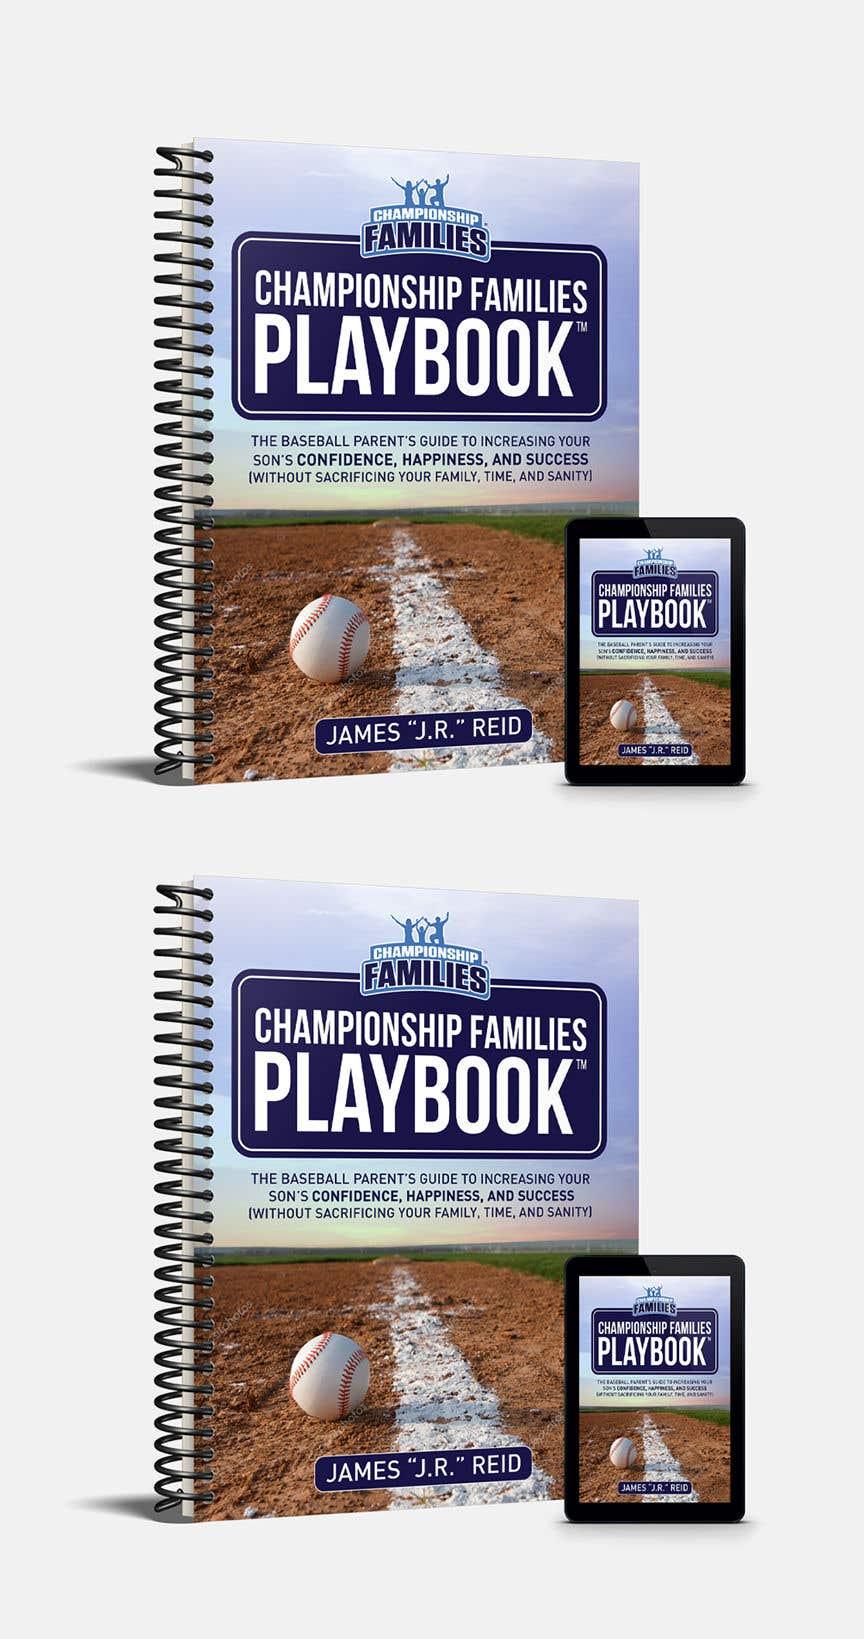 Penyertaan Peraduan #57 untuk Book mockup for the Championship Families Playbook™